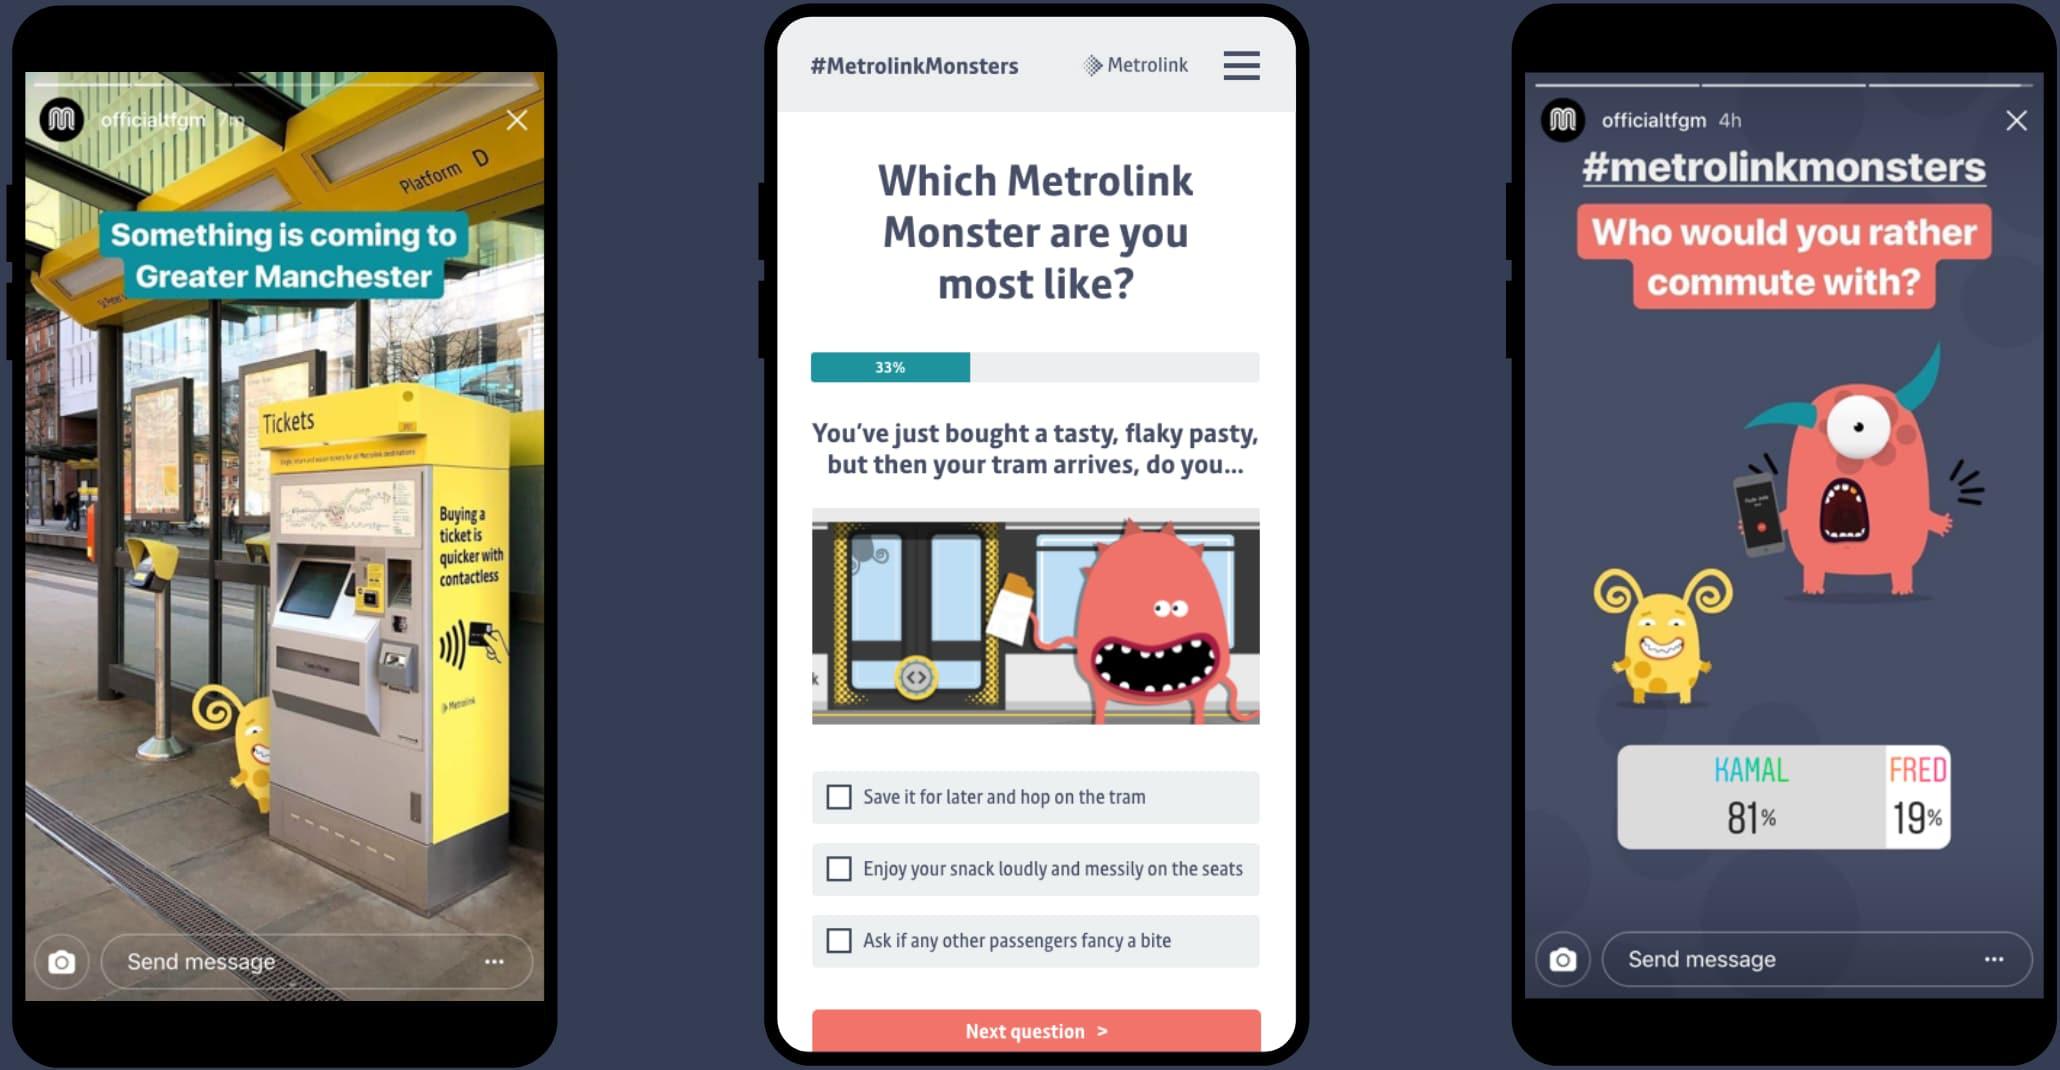 Metrolink Monsters website iphone